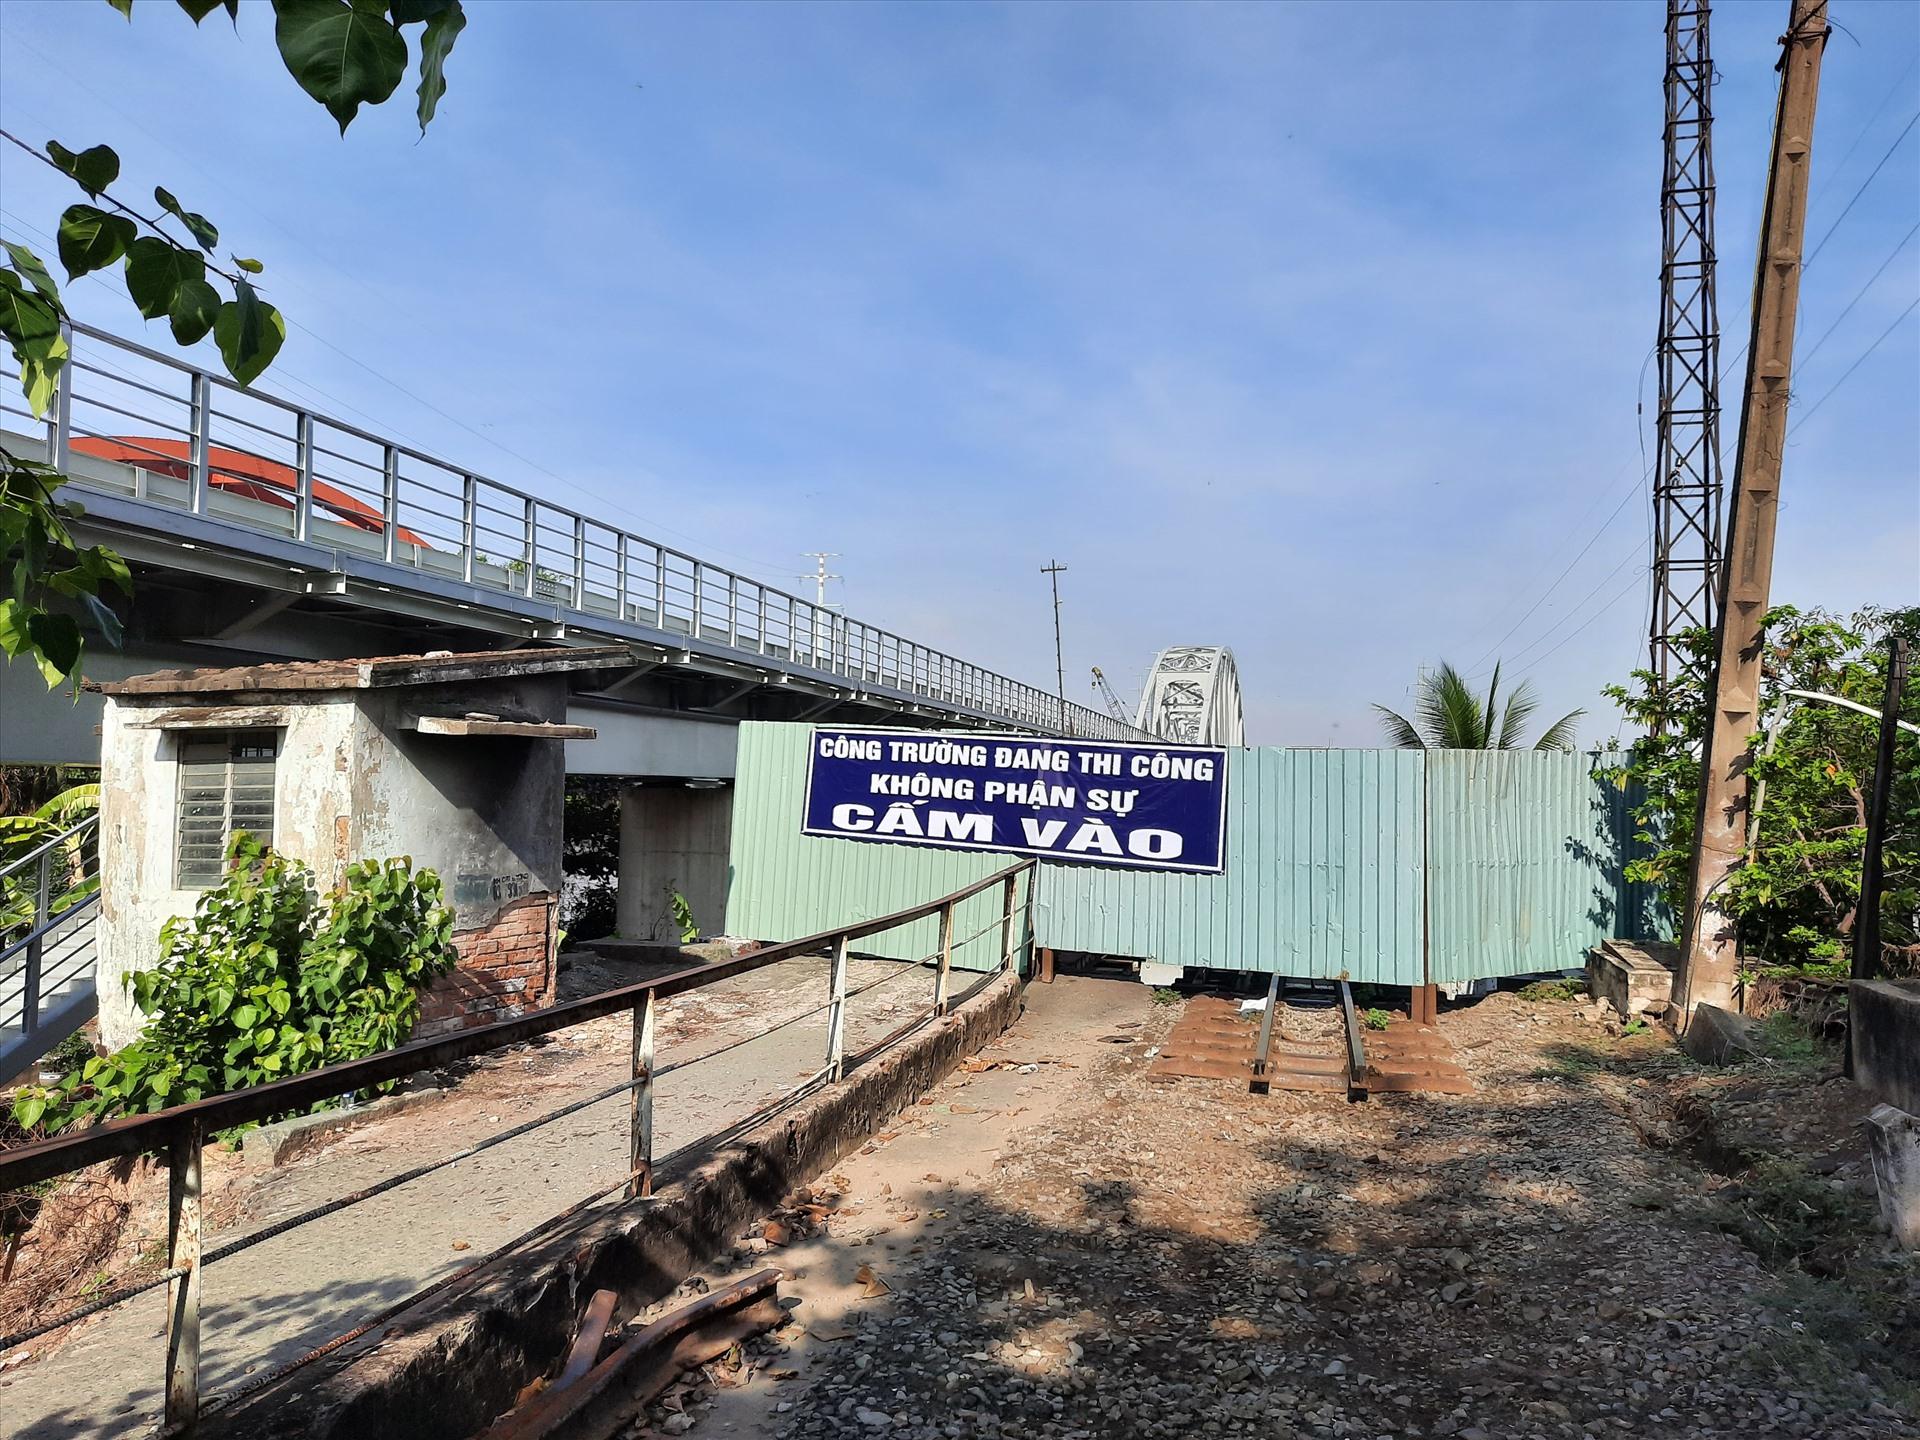 Thông báo cấm người vào khu vực đường sắt Bình Lợi cũ được dán to, rõ. Ảnh Minh Khang